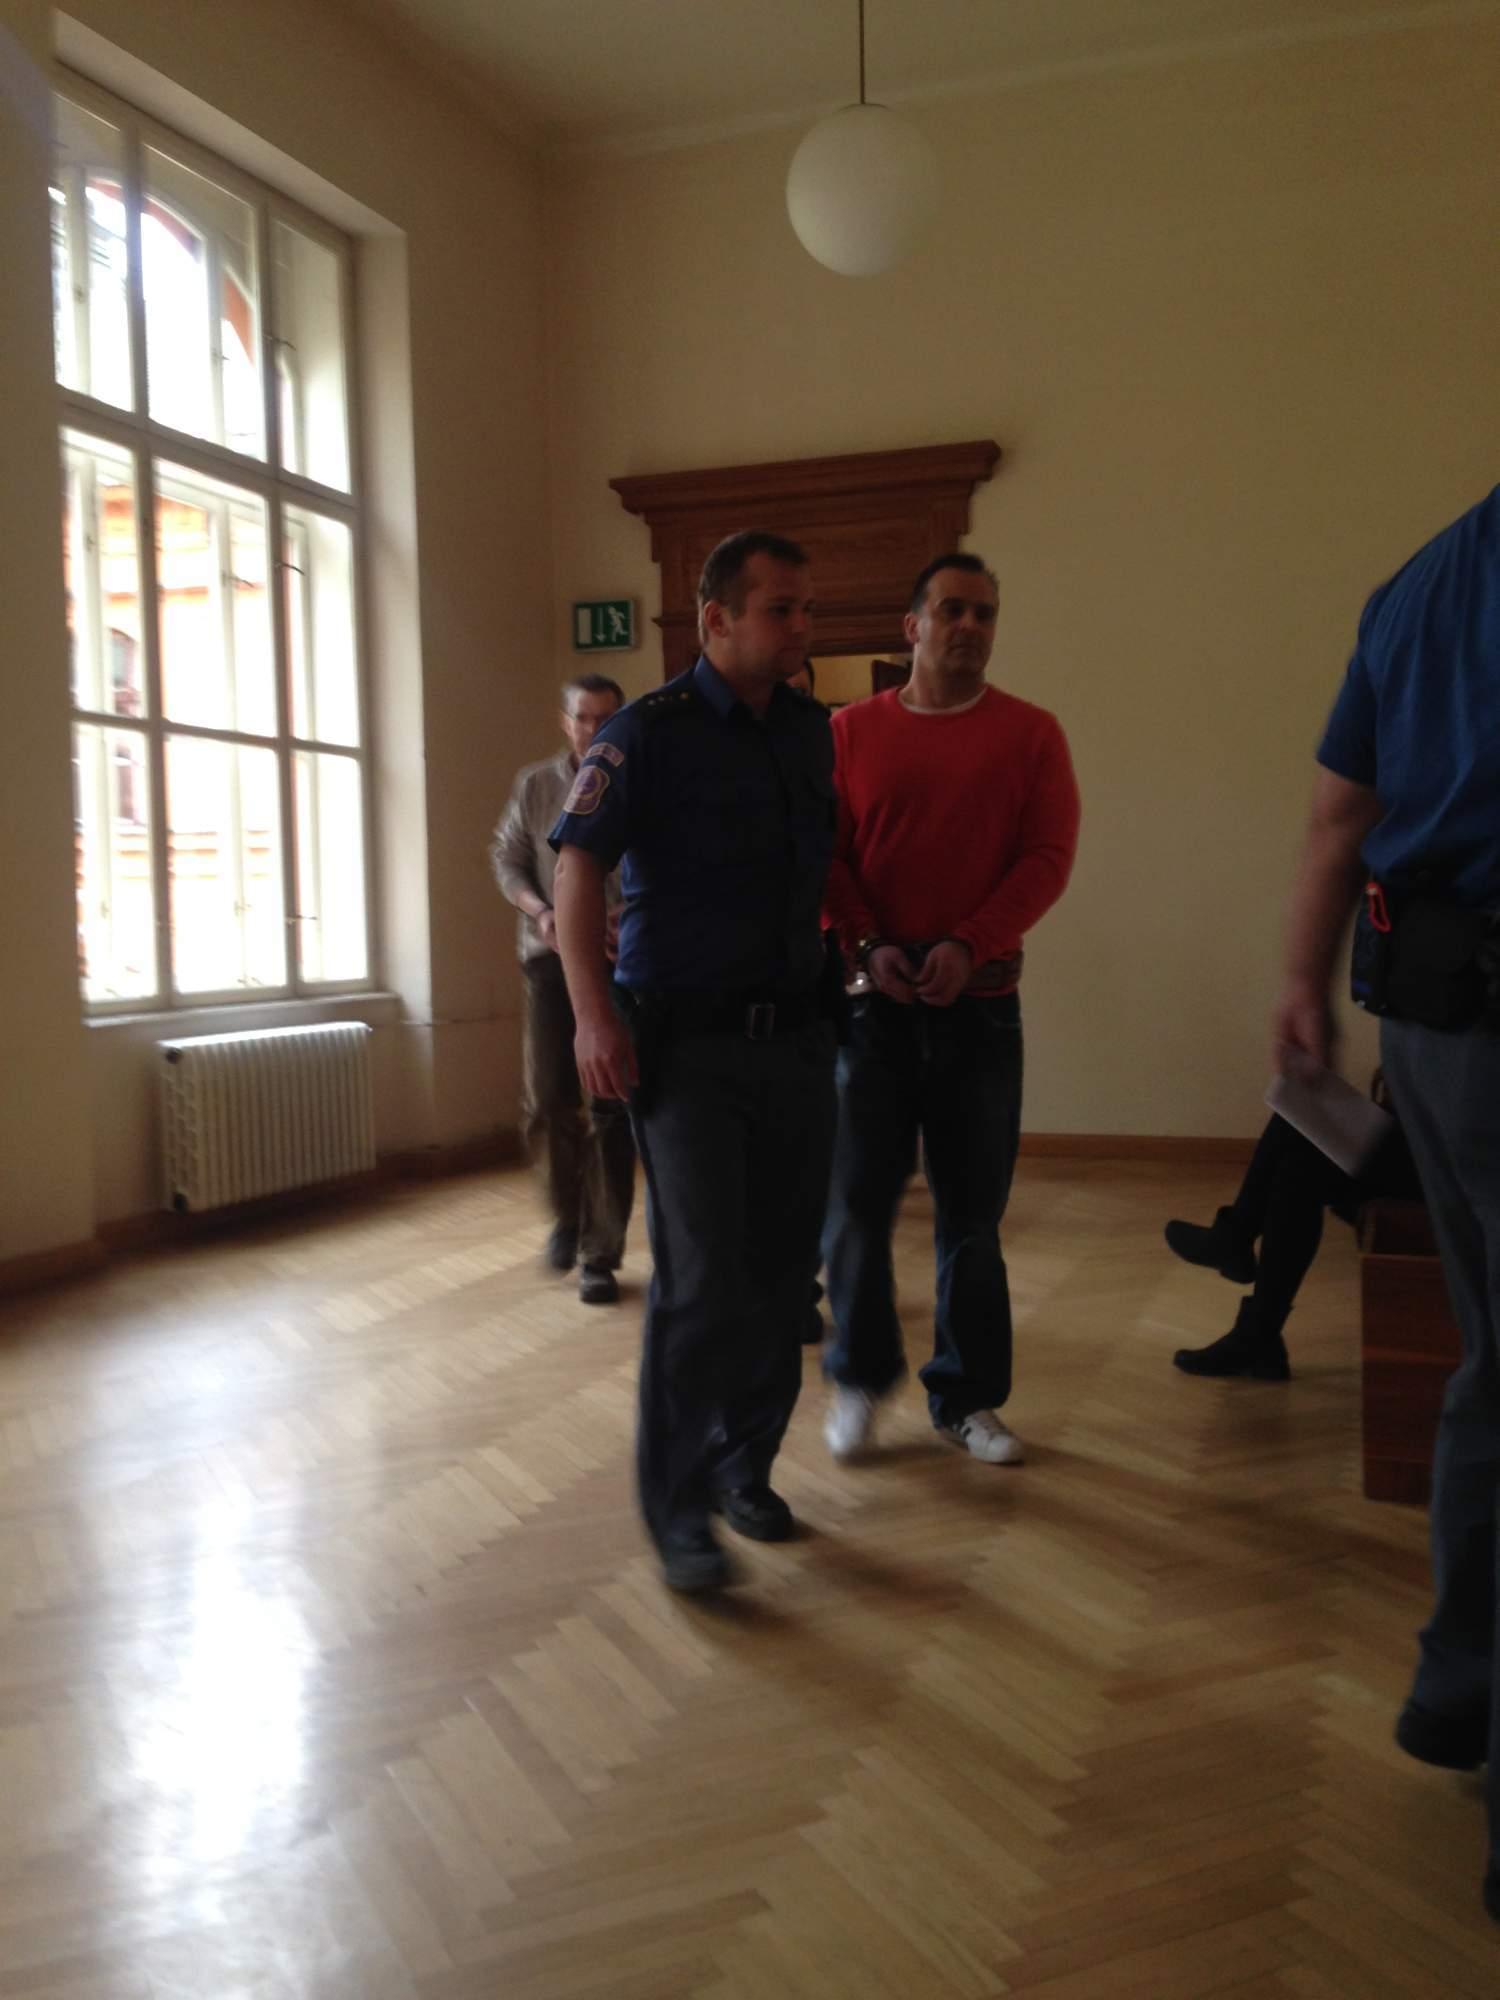 Eskorta vede obžalované do soudní síně. Foto: Eliška Pospíšilová